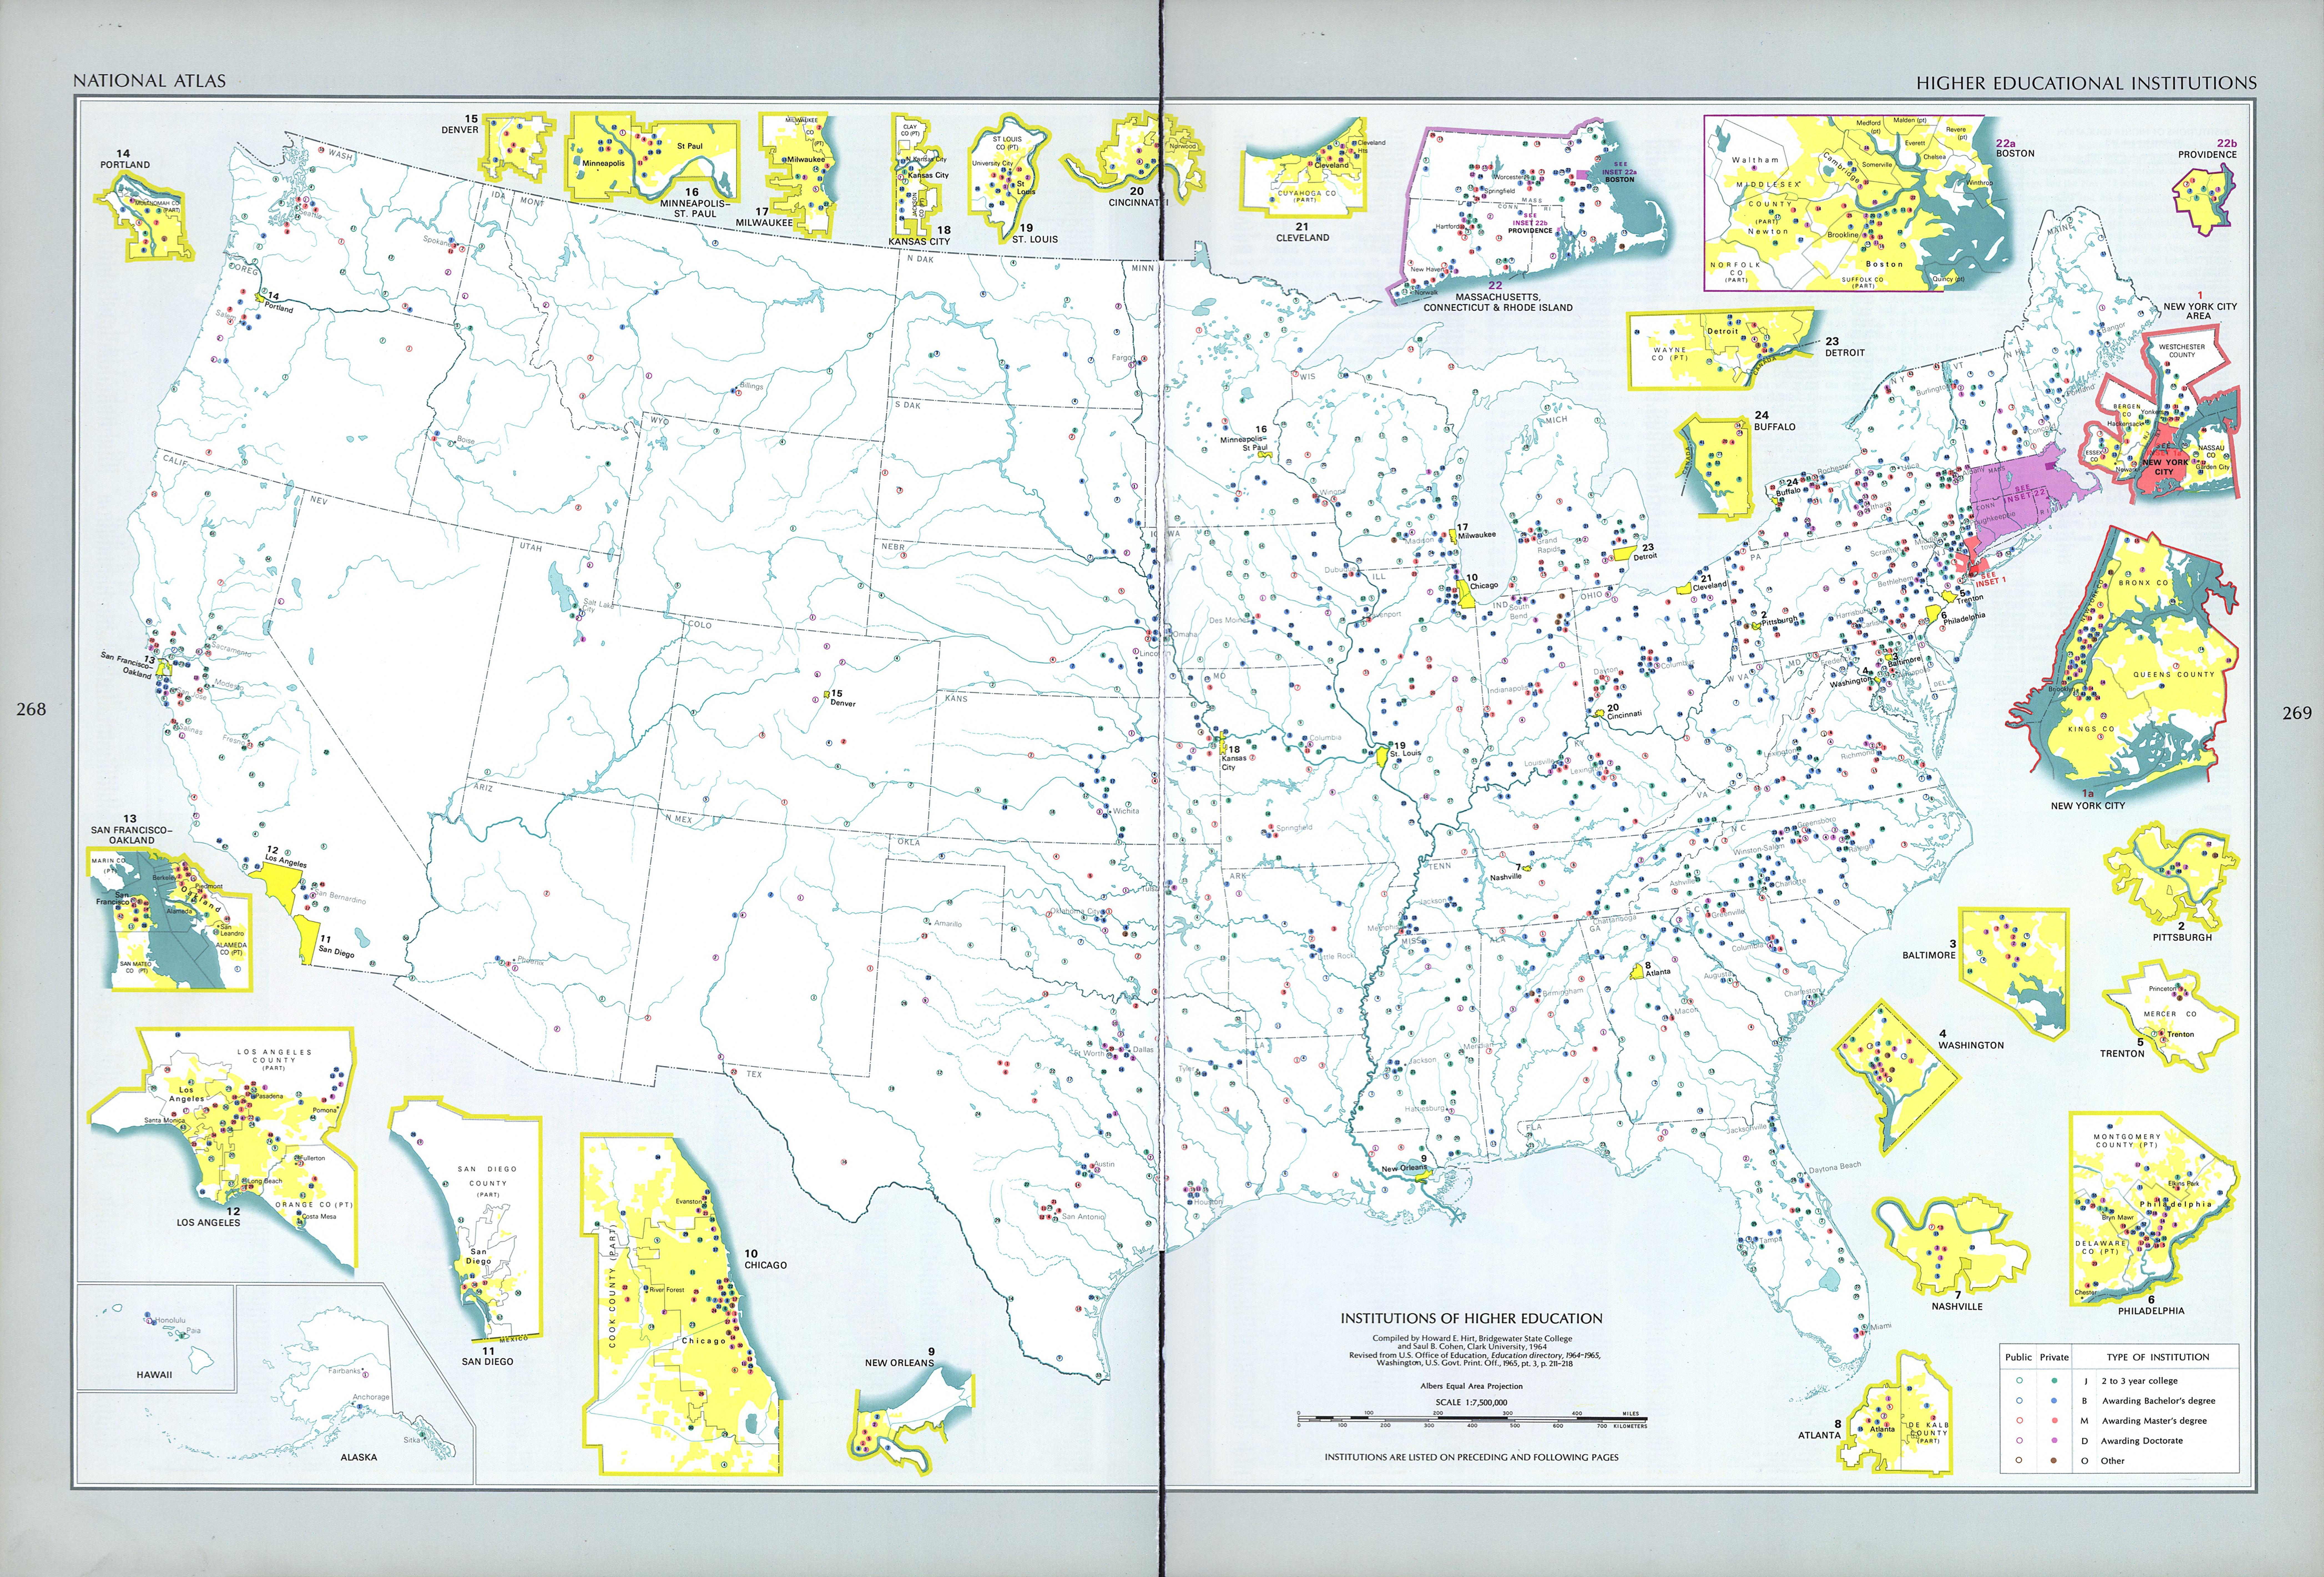 Mapa de las Instituciones de Educación Superior en Estados Unidos